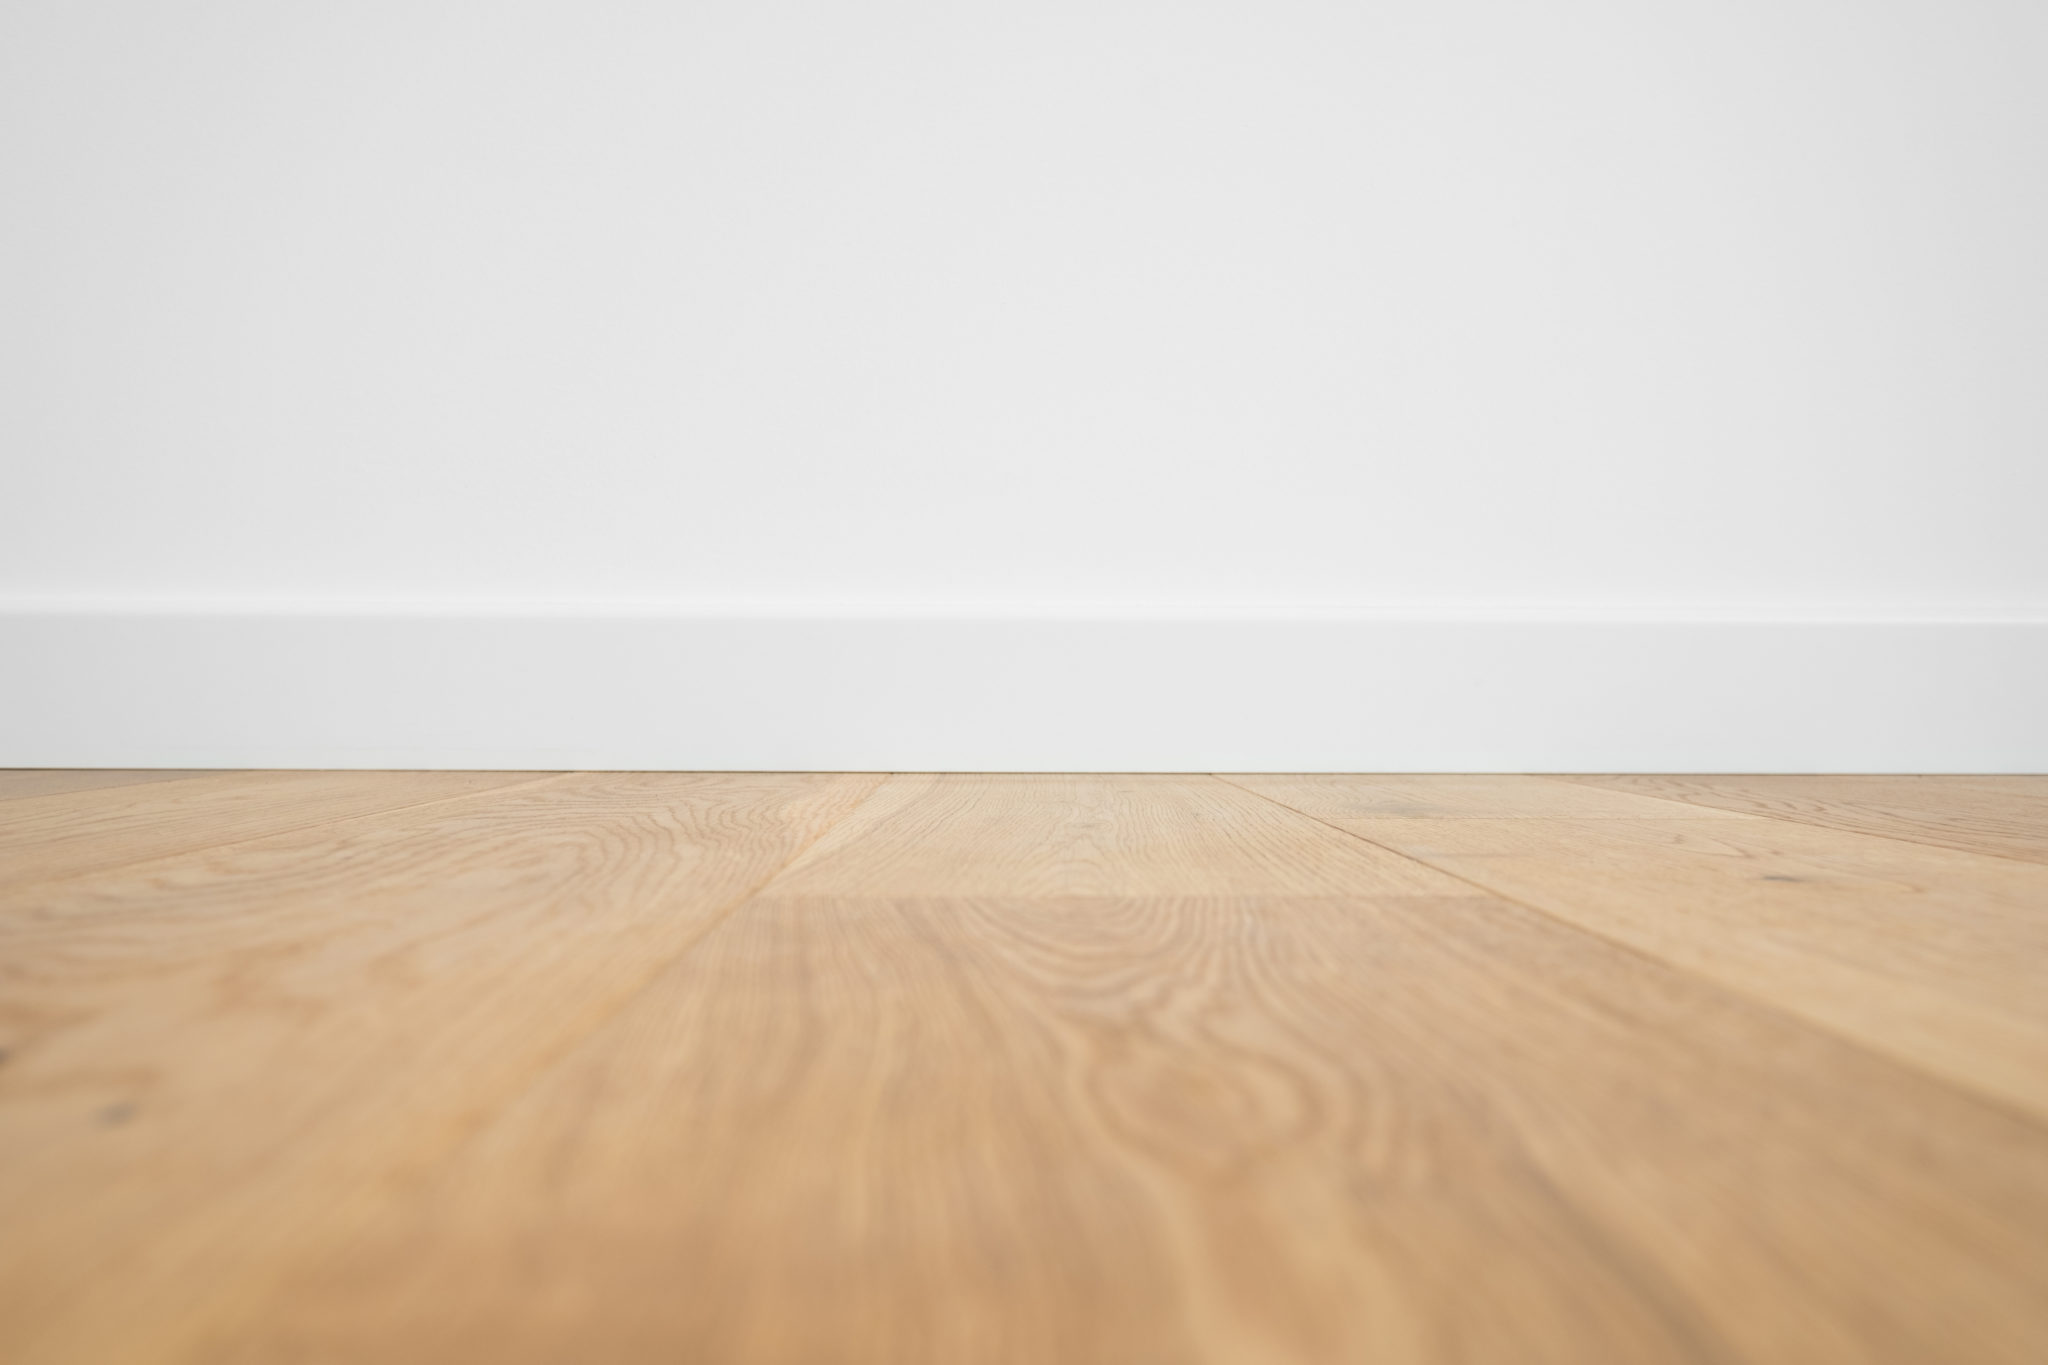 Battiscopa In Legno Bianco battiscopa in legno bianco 7 cm – mdf impiallacciato in carta melaminica